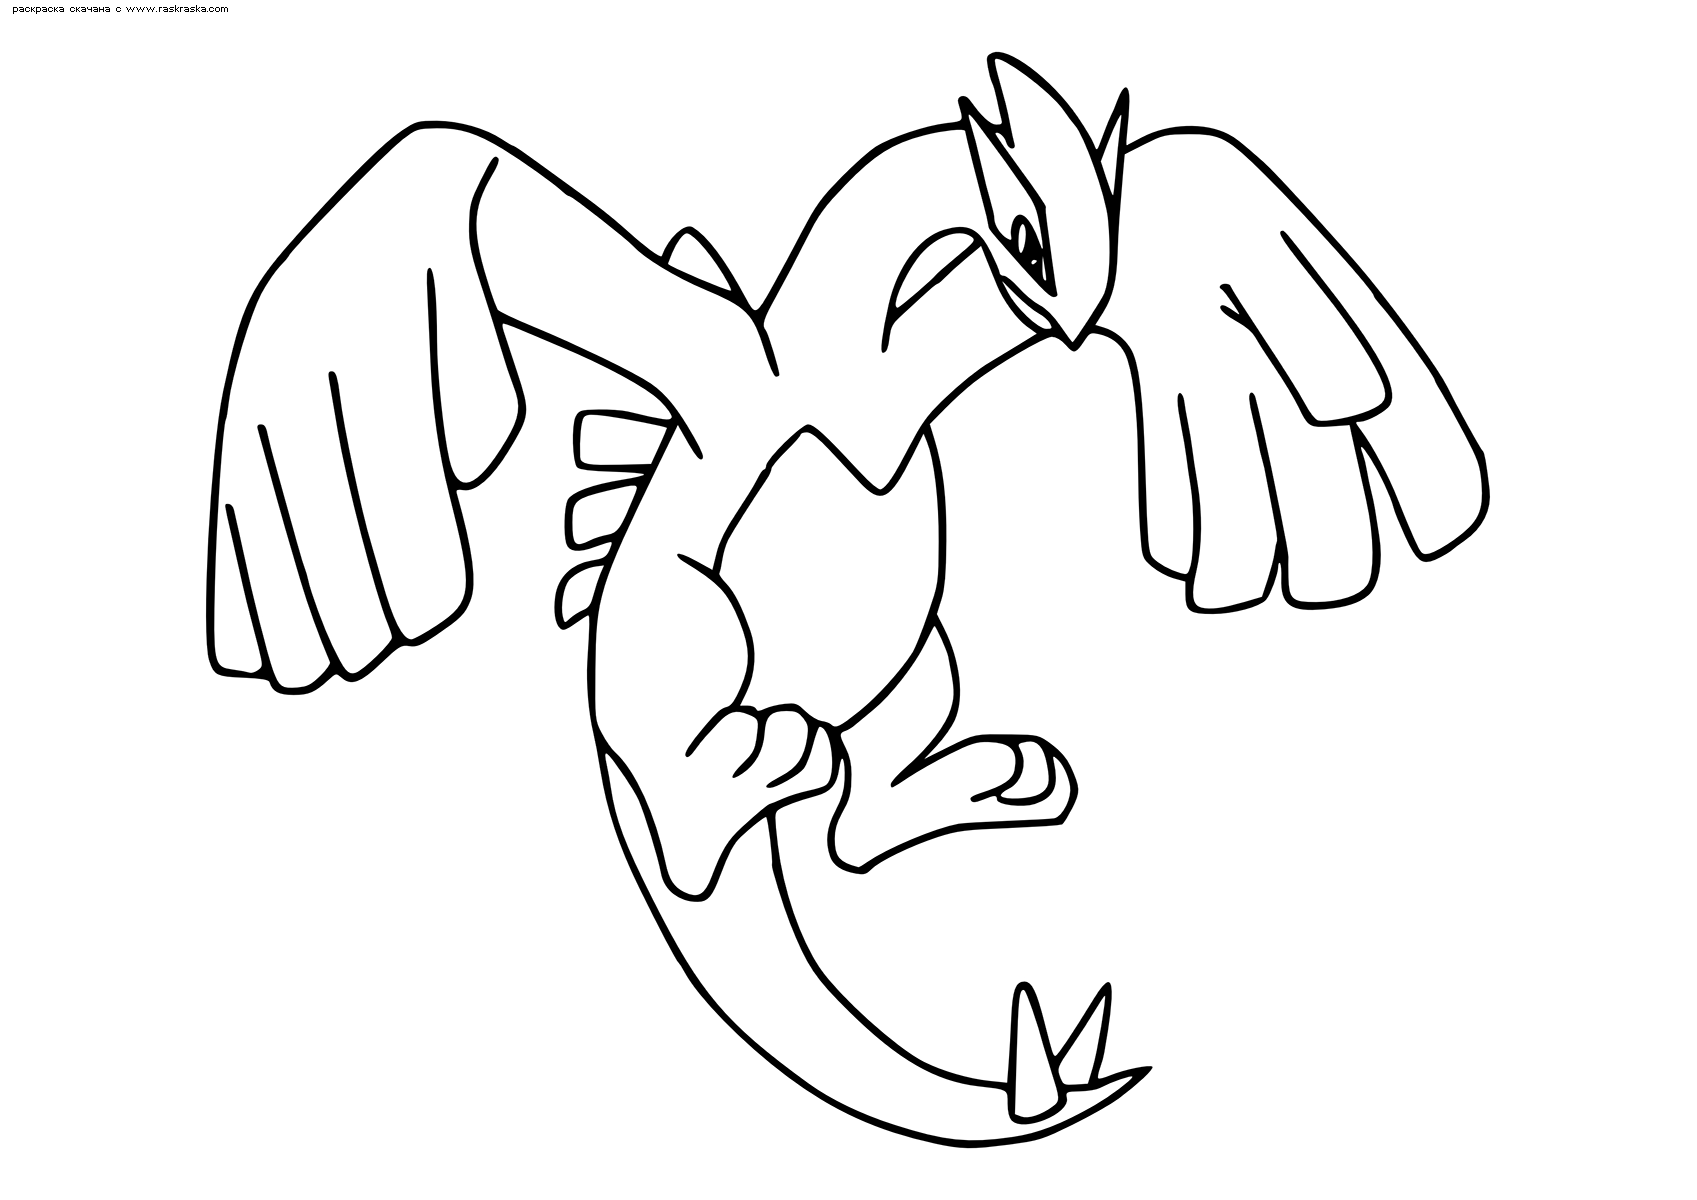 Раскраска Легендарный покемон Лугиа (Lugia). Раскраска Покемон